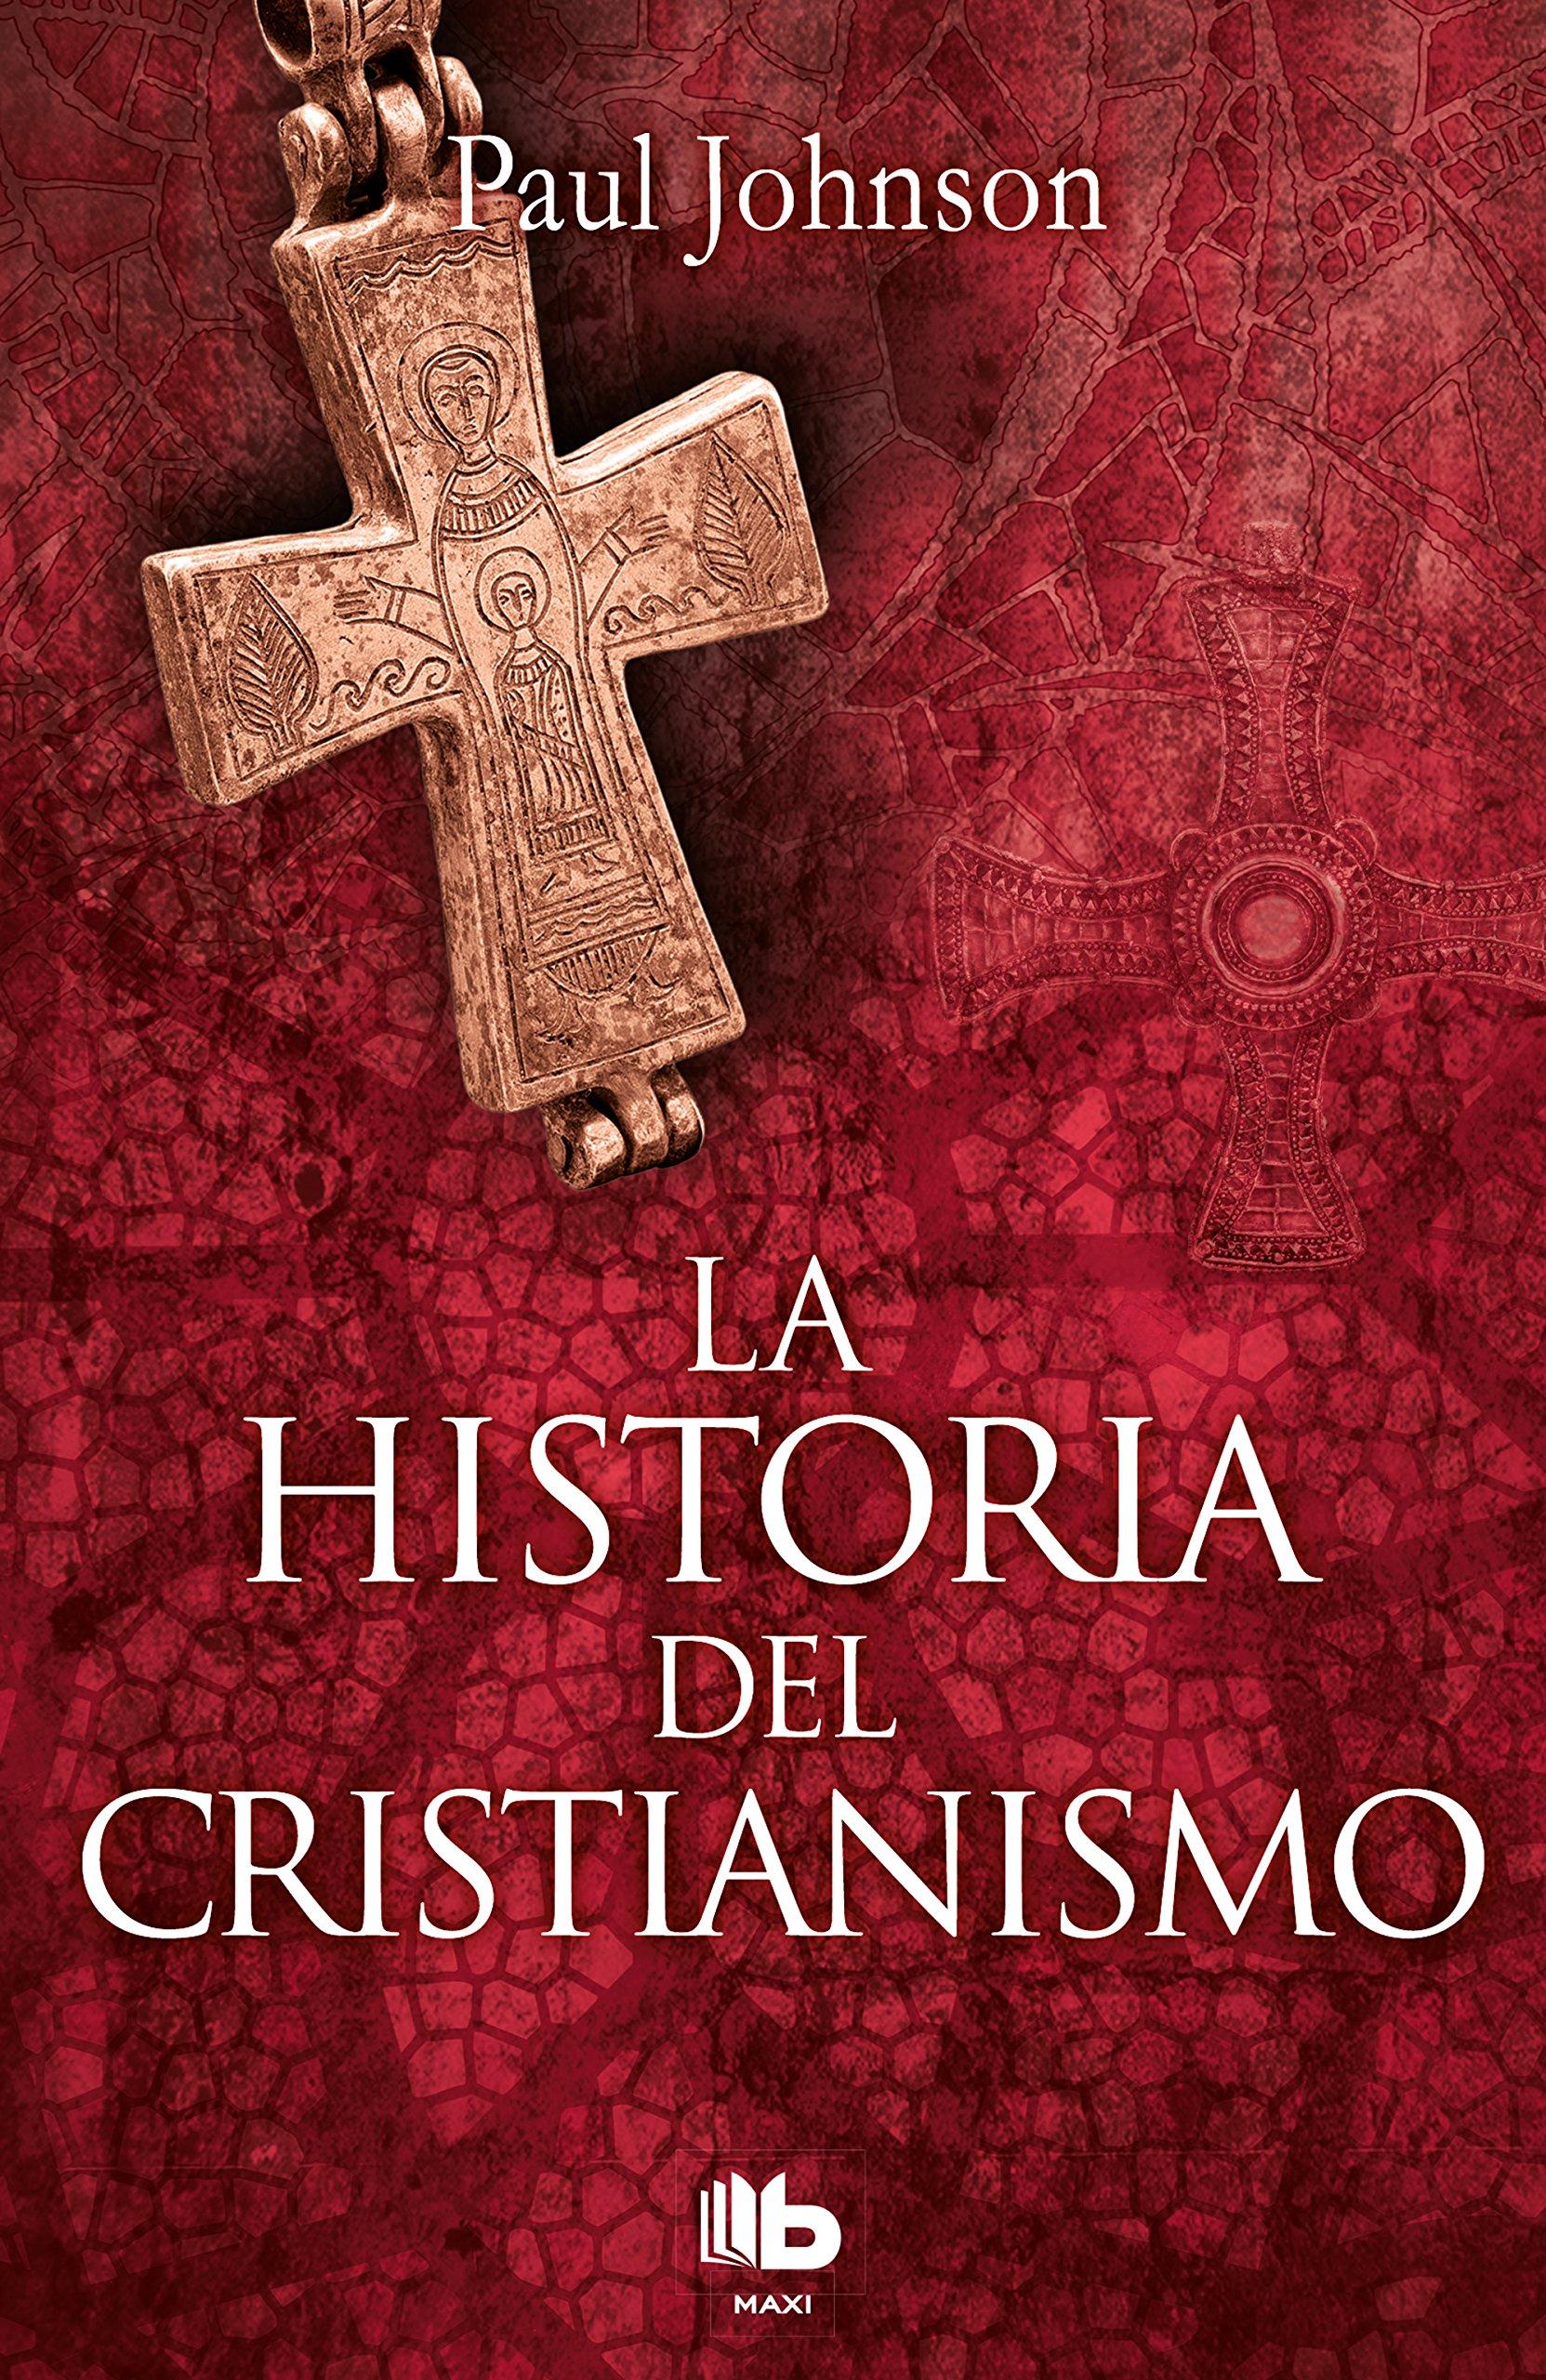 La historia del cristianismo (No ficción): Amazon.es: Johnson, Paul: Libros